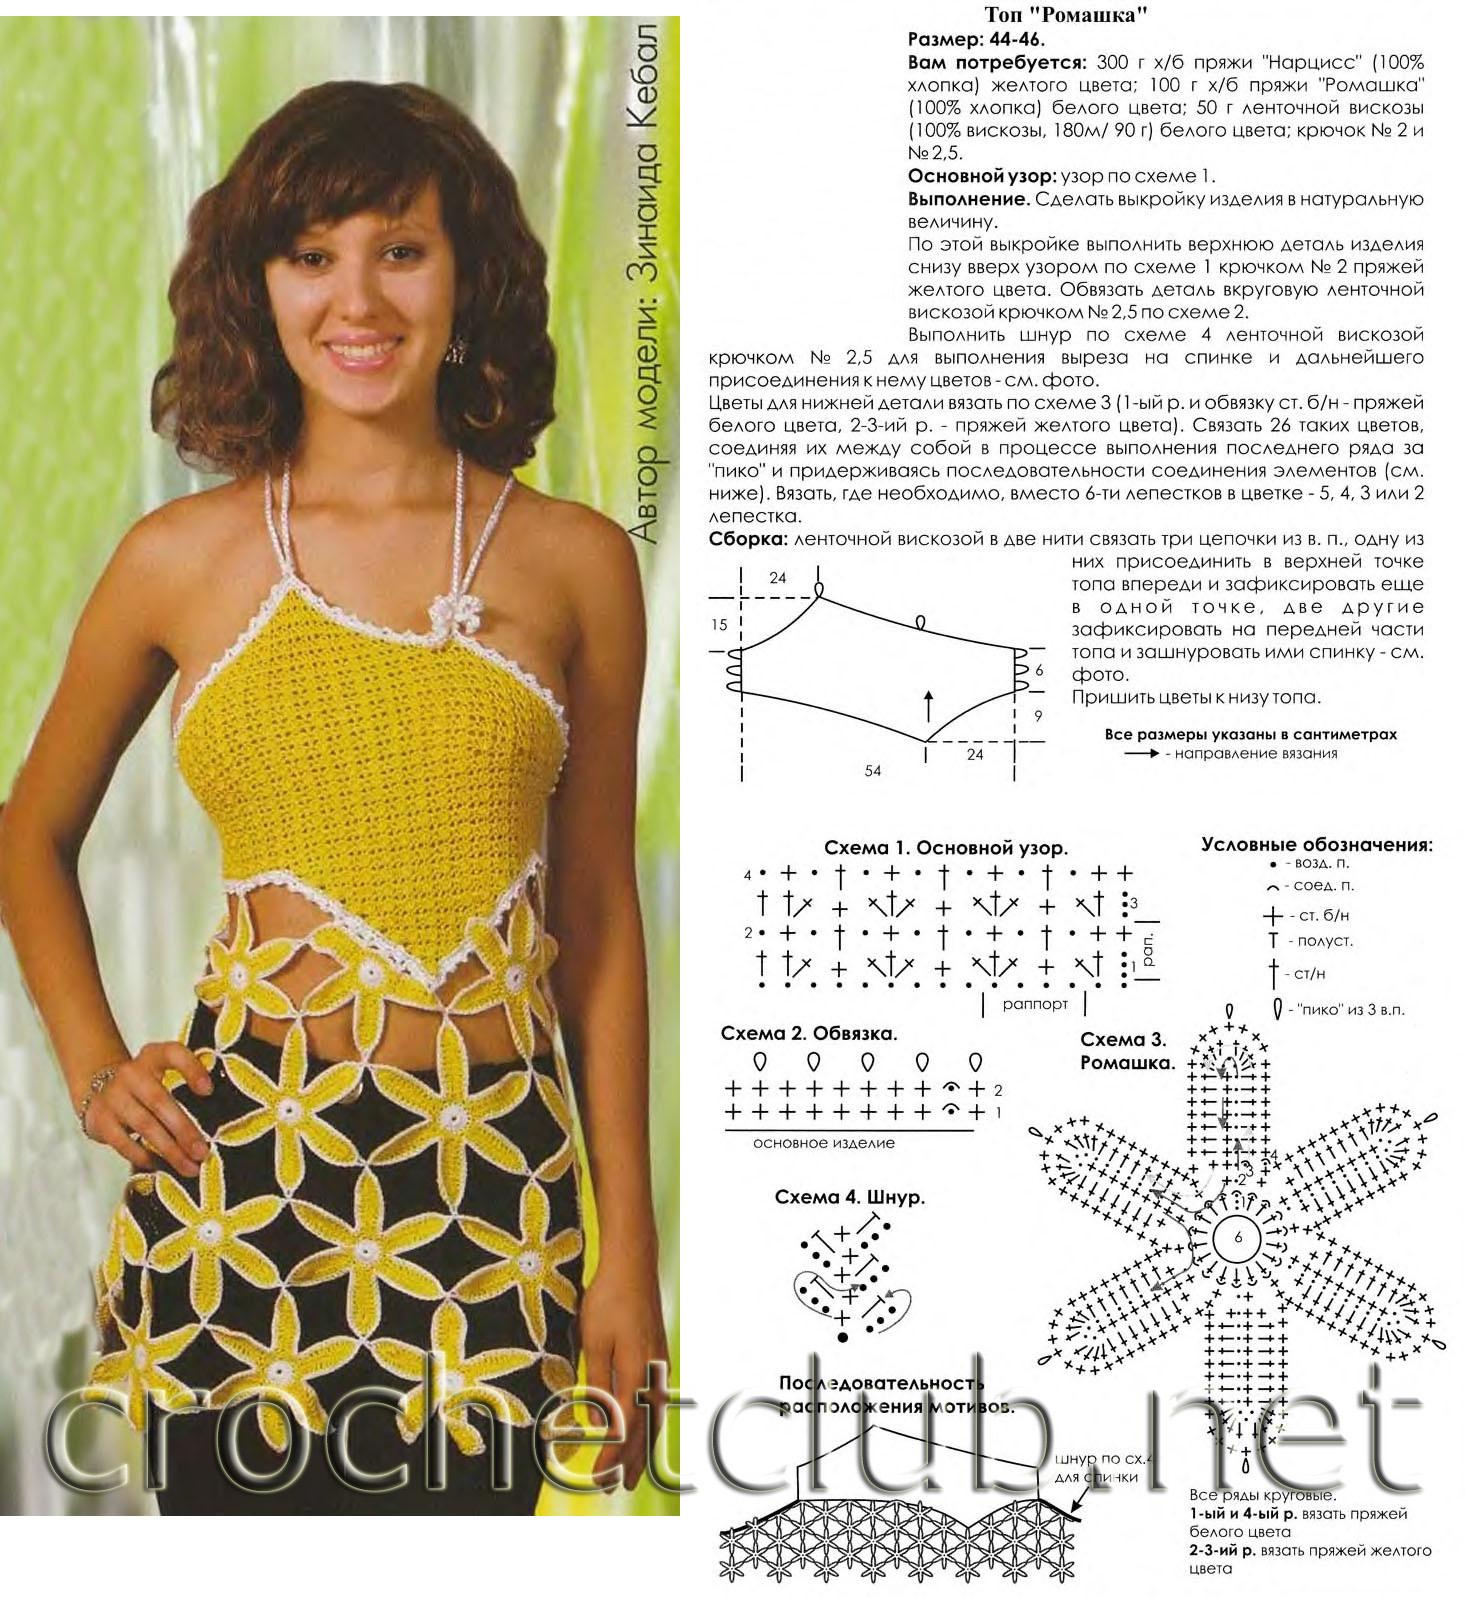 Модели летней женской одежды (вязание крючком).  Прочитать целикомВ.